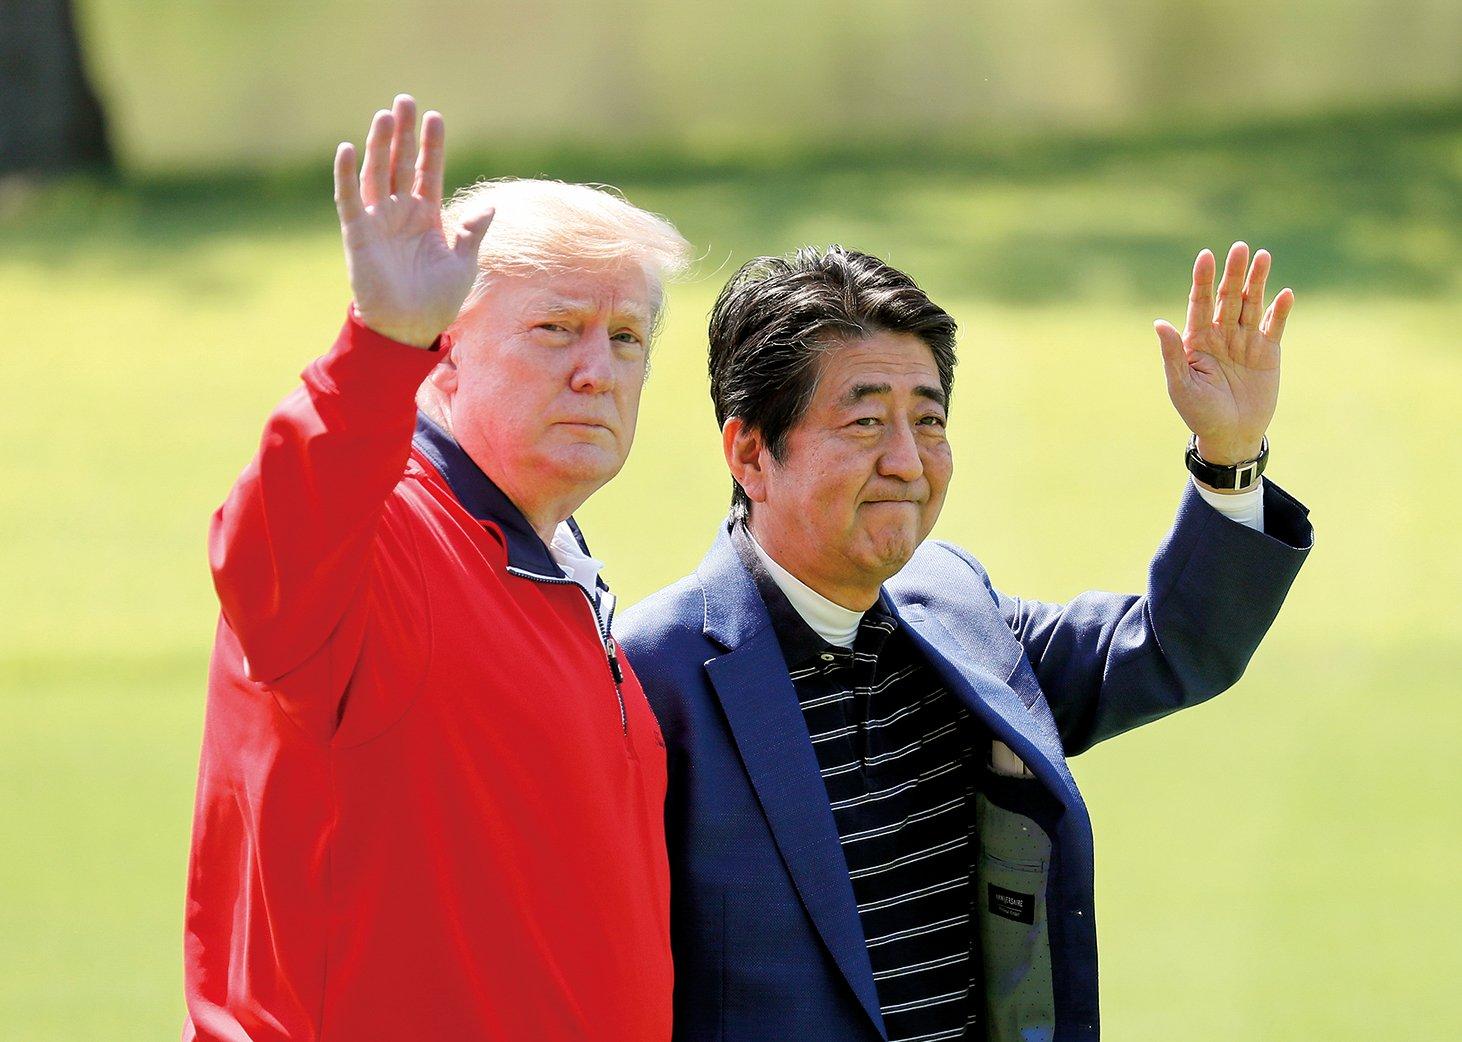 鑑於日本與伊朗長久的友好關係,美國總統特朗普於今年5月26日,與日本首相安倍晉三進行高爾夫球球敘時敲定了安倍訪問伊朗的日程。(Getty Images)